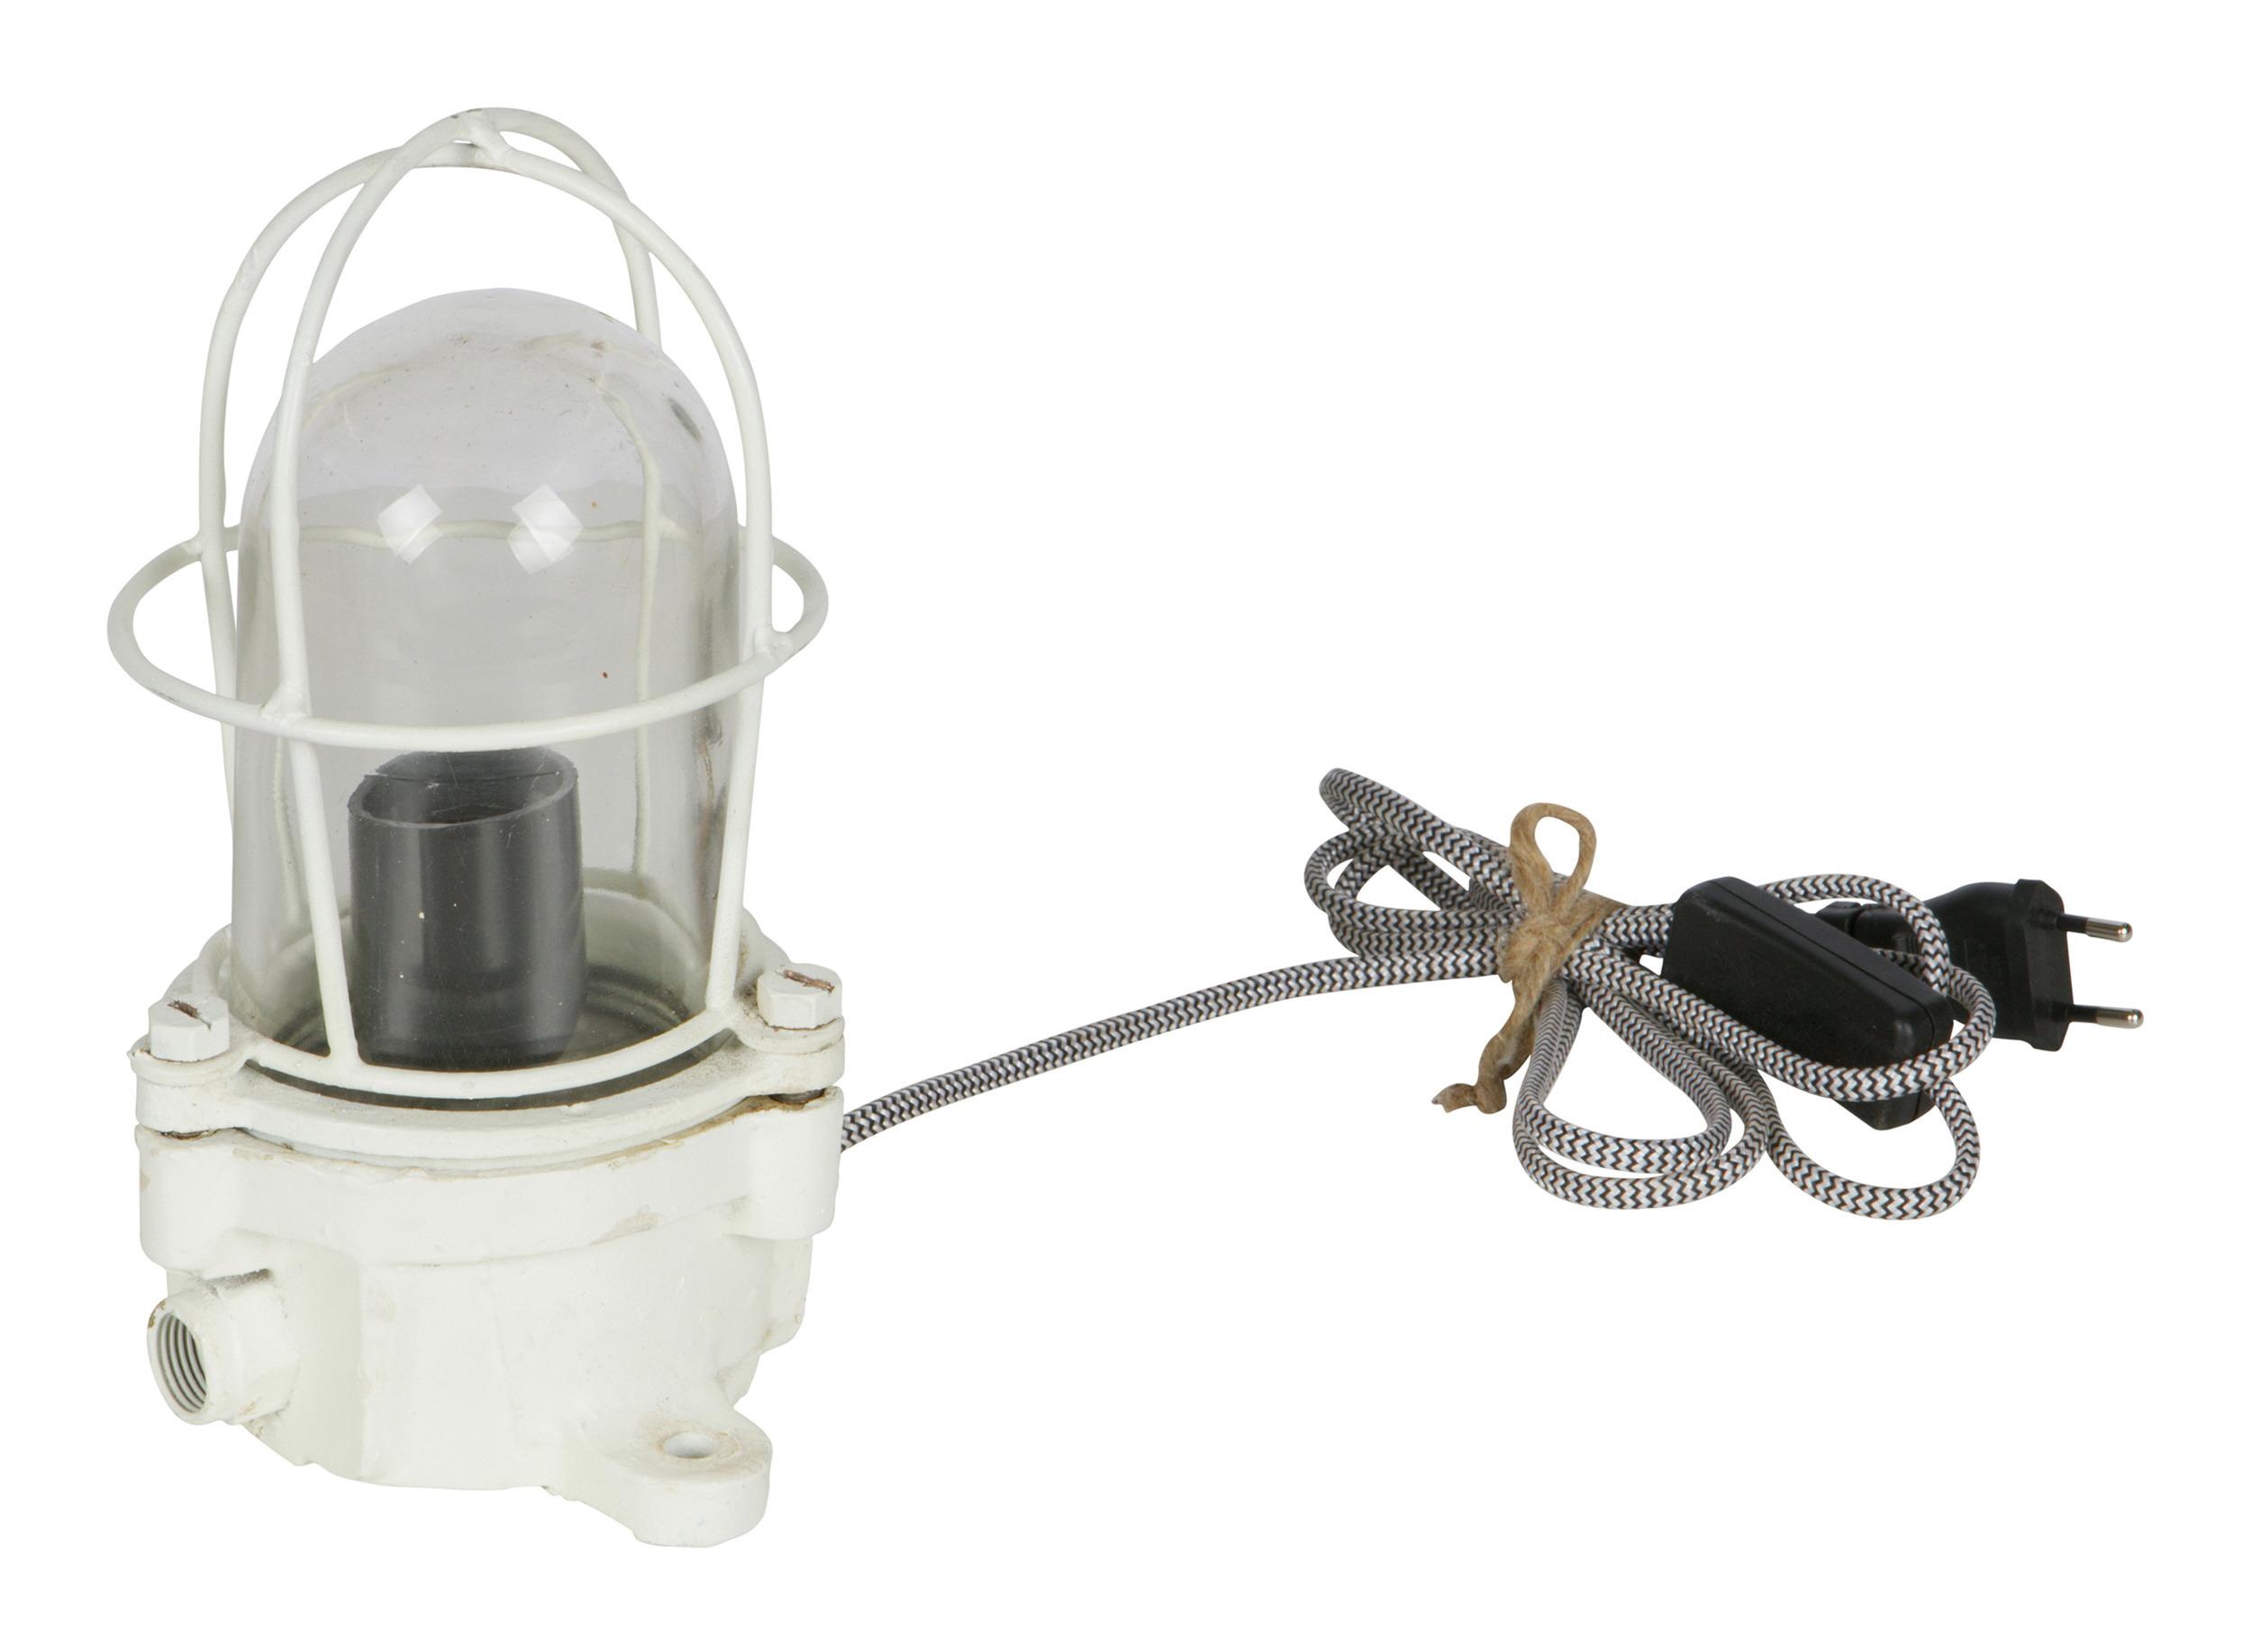 BePureHome Tafellamp 'Shiplight' 15 x 15cm, kleur Wit Verlichting | Tafellampen kopen